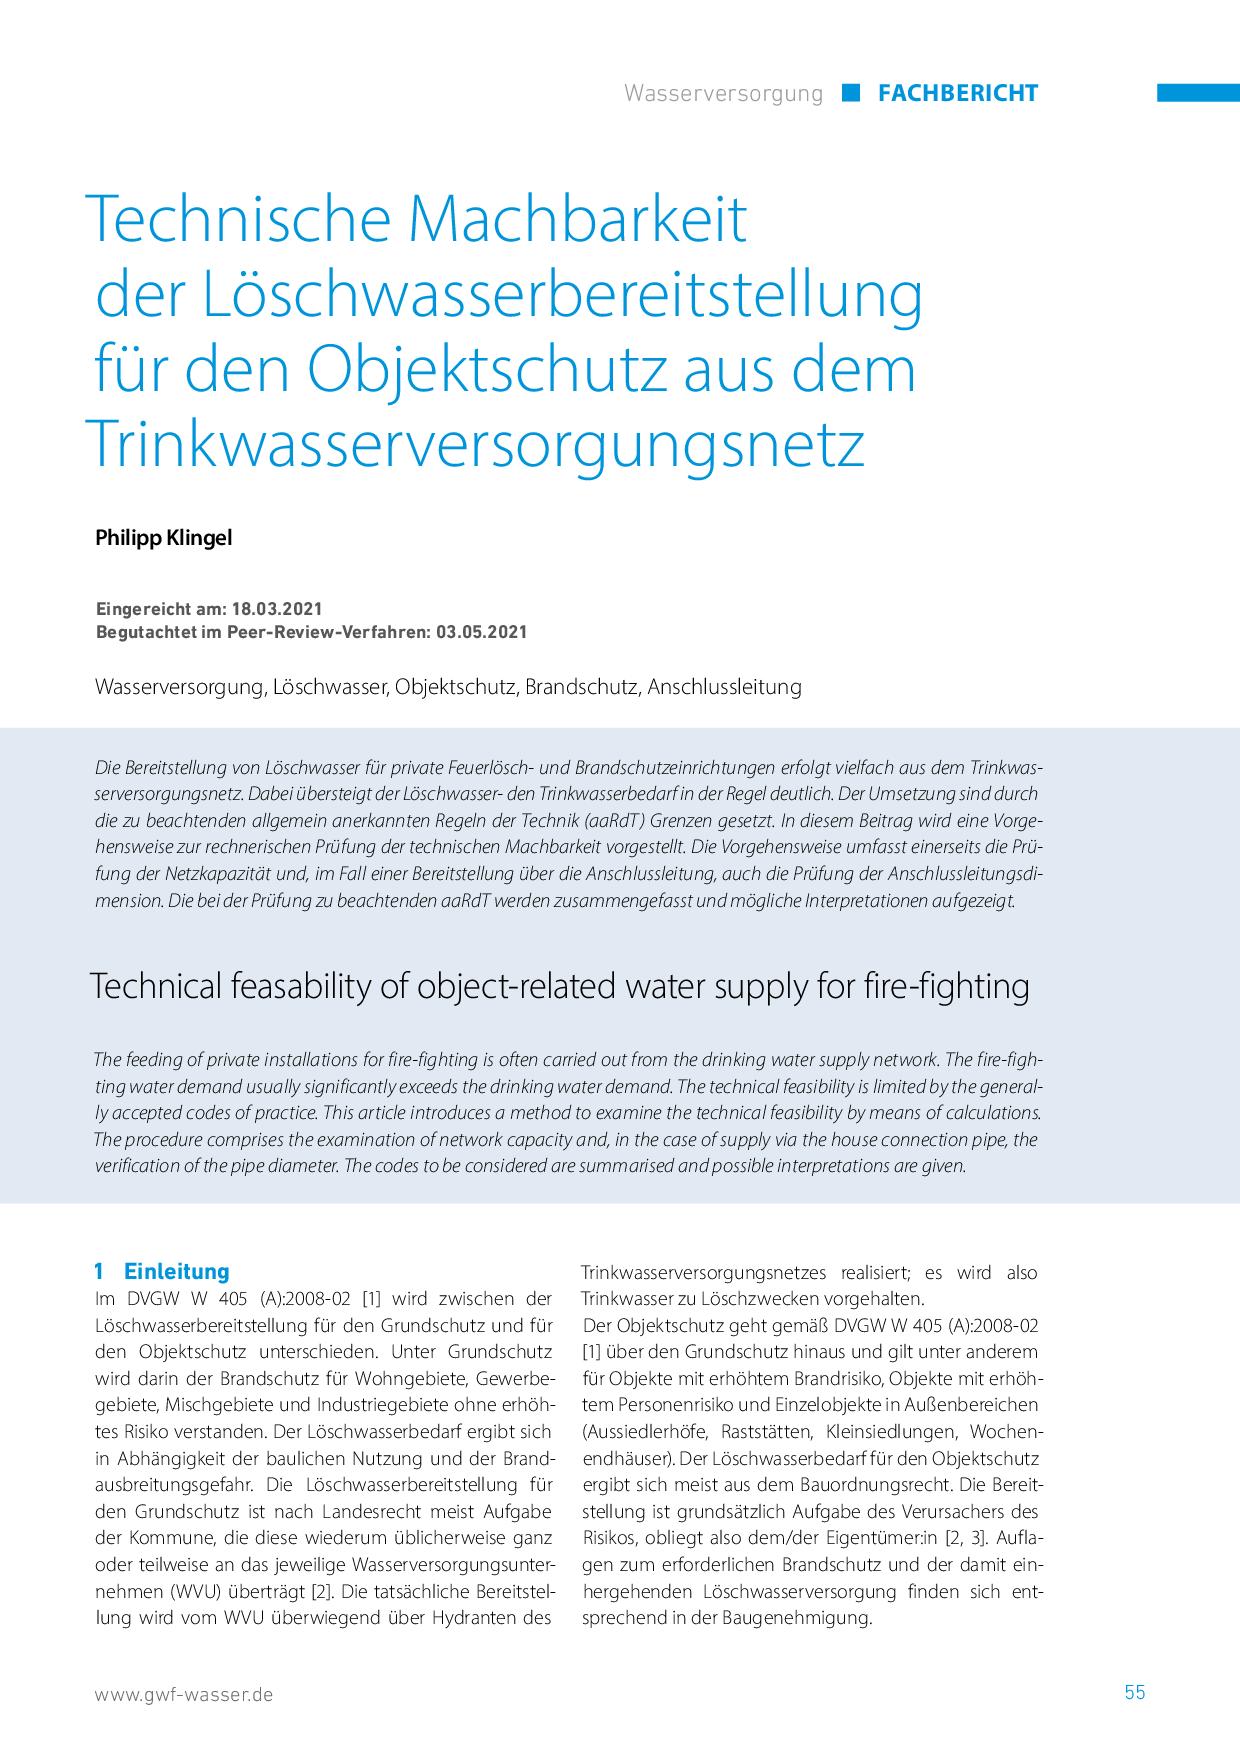 Technische Machbarkeit der Löschwasserbereitstellung für den Objektschutz aus dem Trinkwasserversorgungsnetz